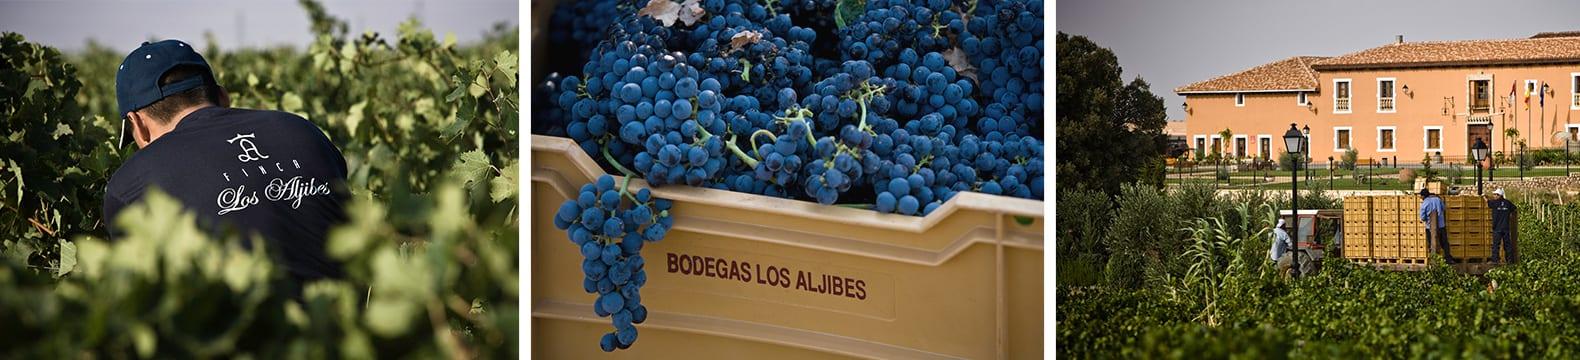 Impressie van de druivenoogst in Bodega Los Aljibes